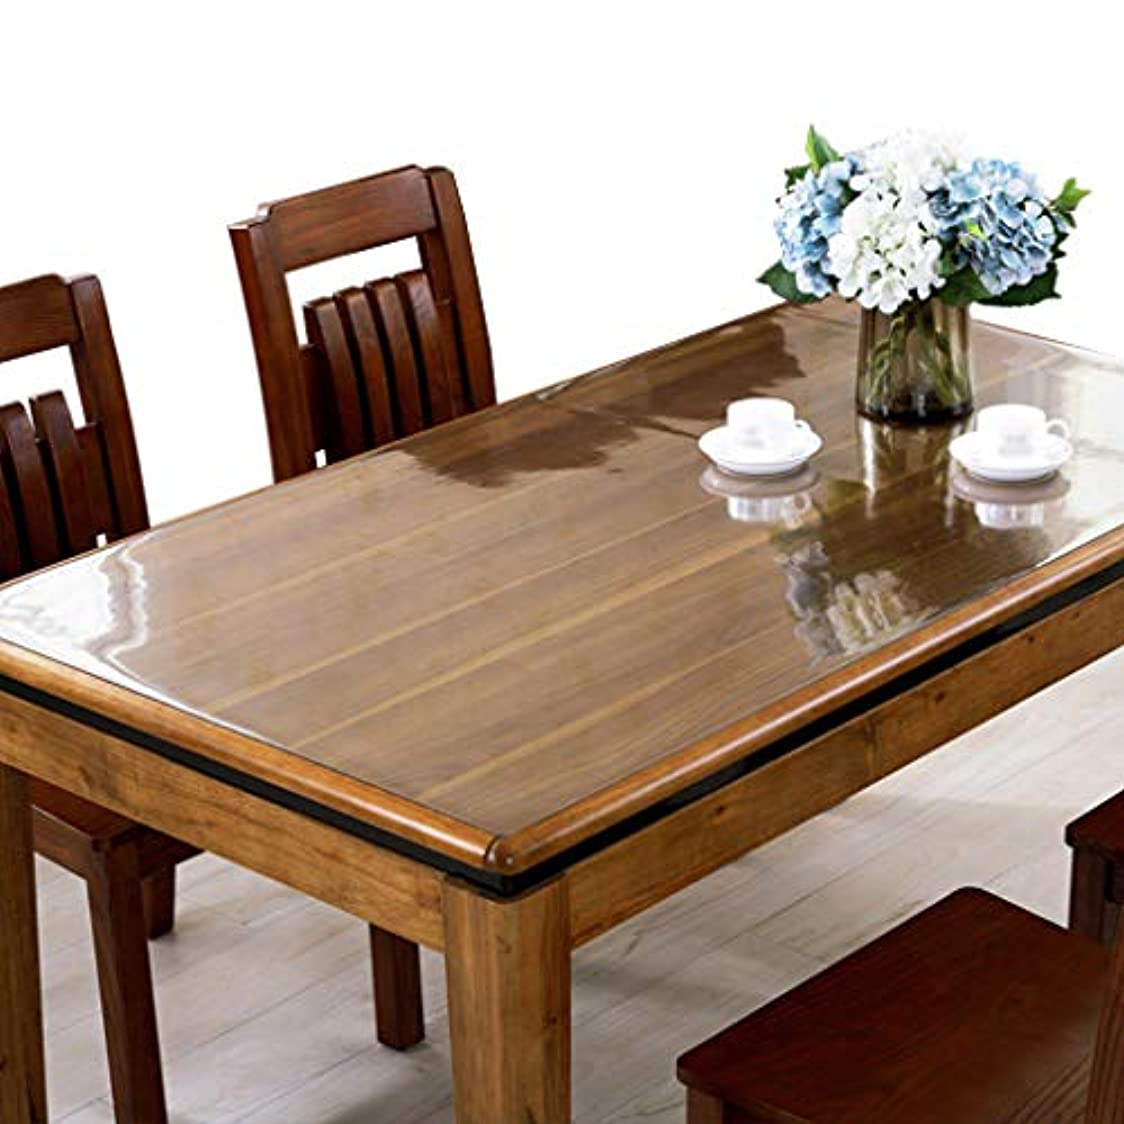 アブストラクト最適モンクIYHUO PVC製 透明 テーブルクロス テーブルマット デスクマット マット 長方形 厚さ1MM 防水 撥水 耐久 汚れ防止 サイズ選択可能 70*120CM